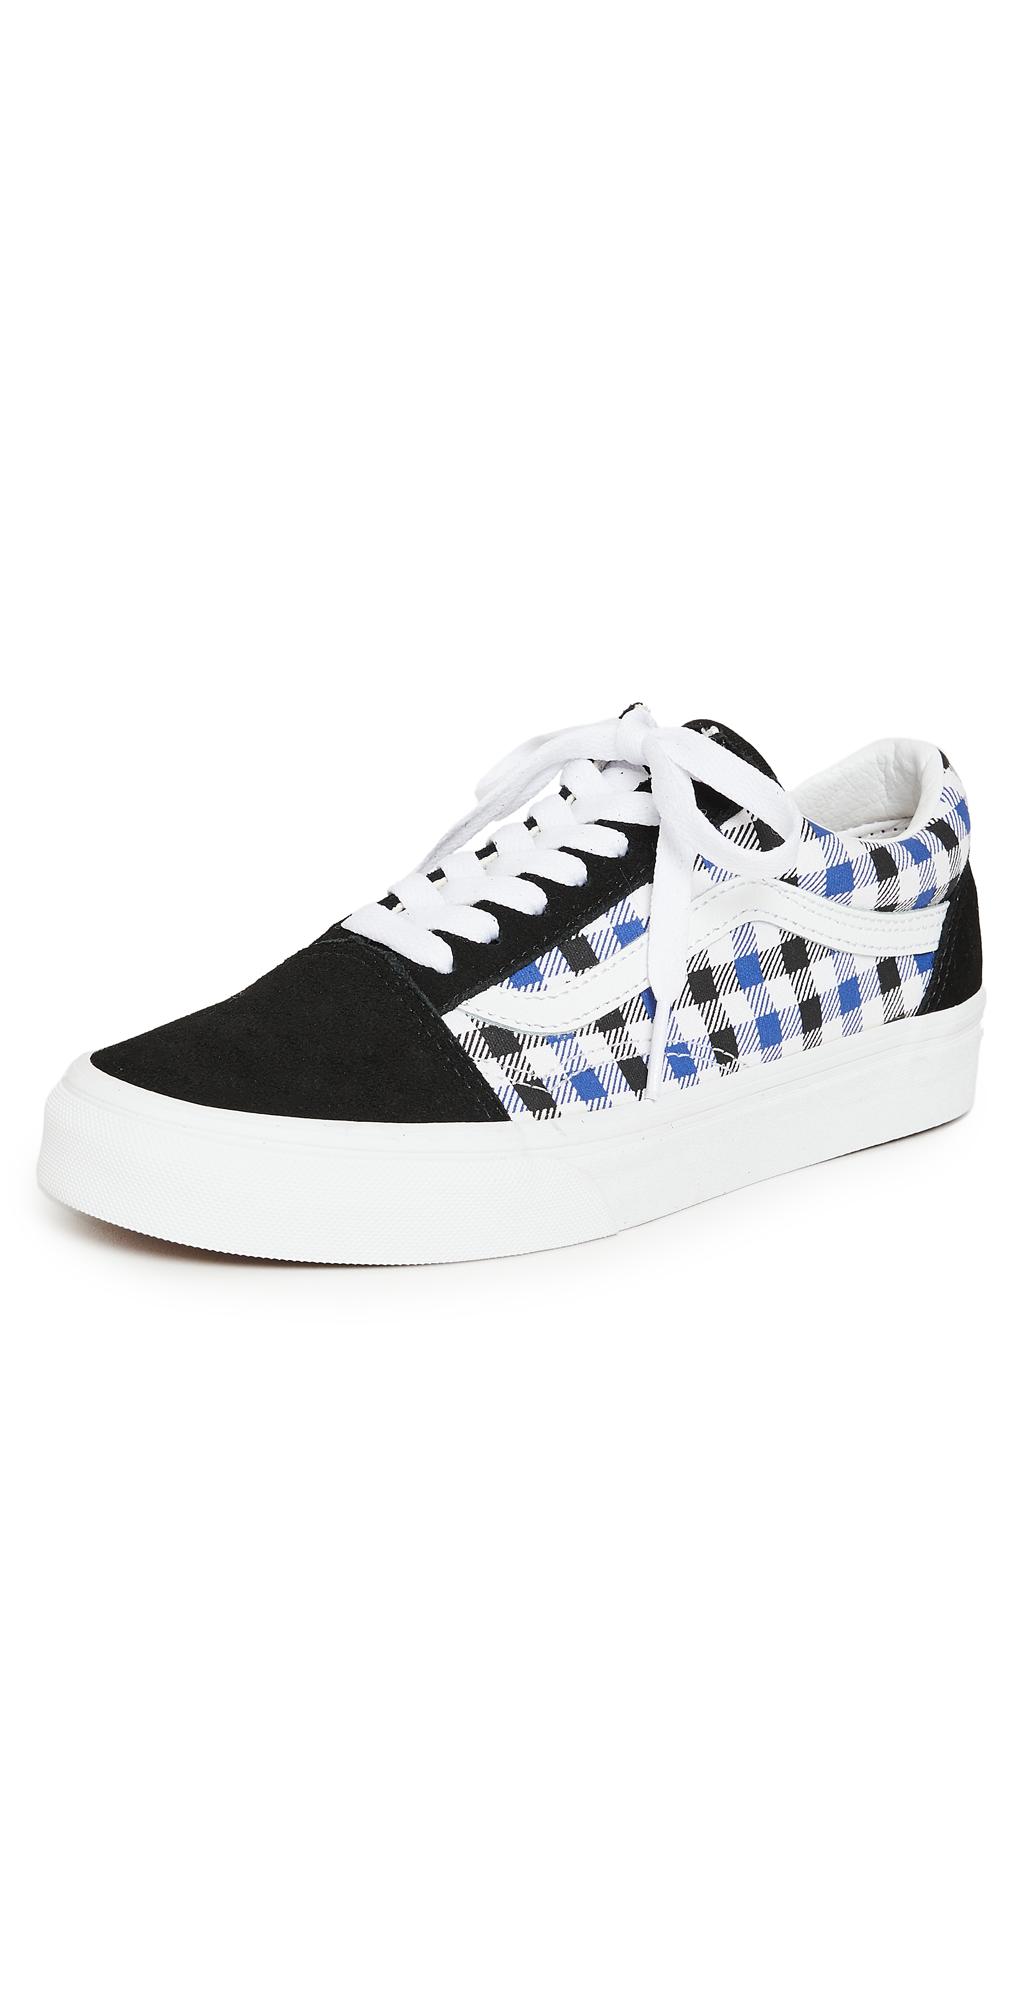 Vans Gingham Old Skool Sneakers